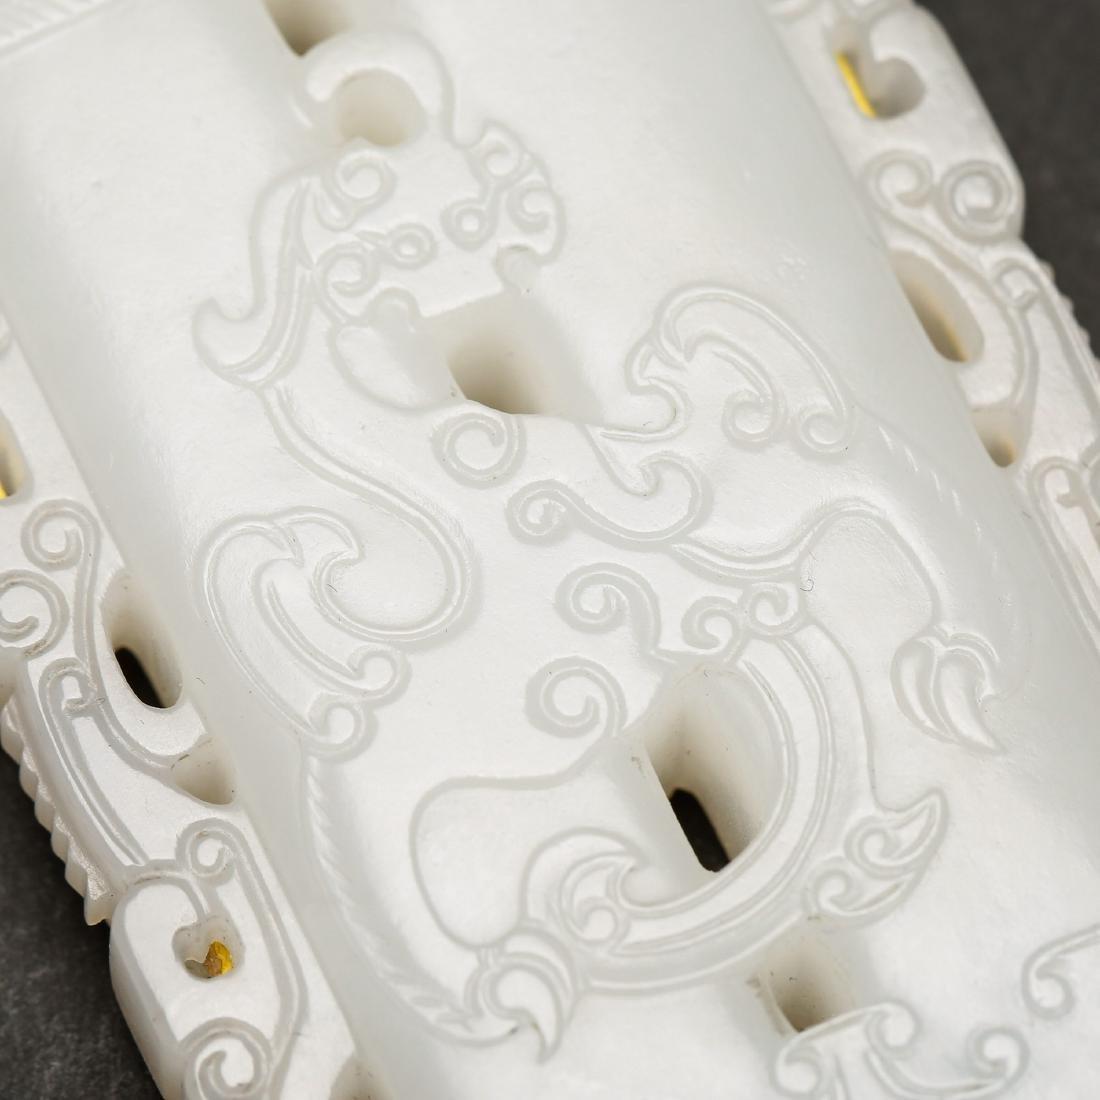 CHINESE WHITE JADE PENDANT - 7